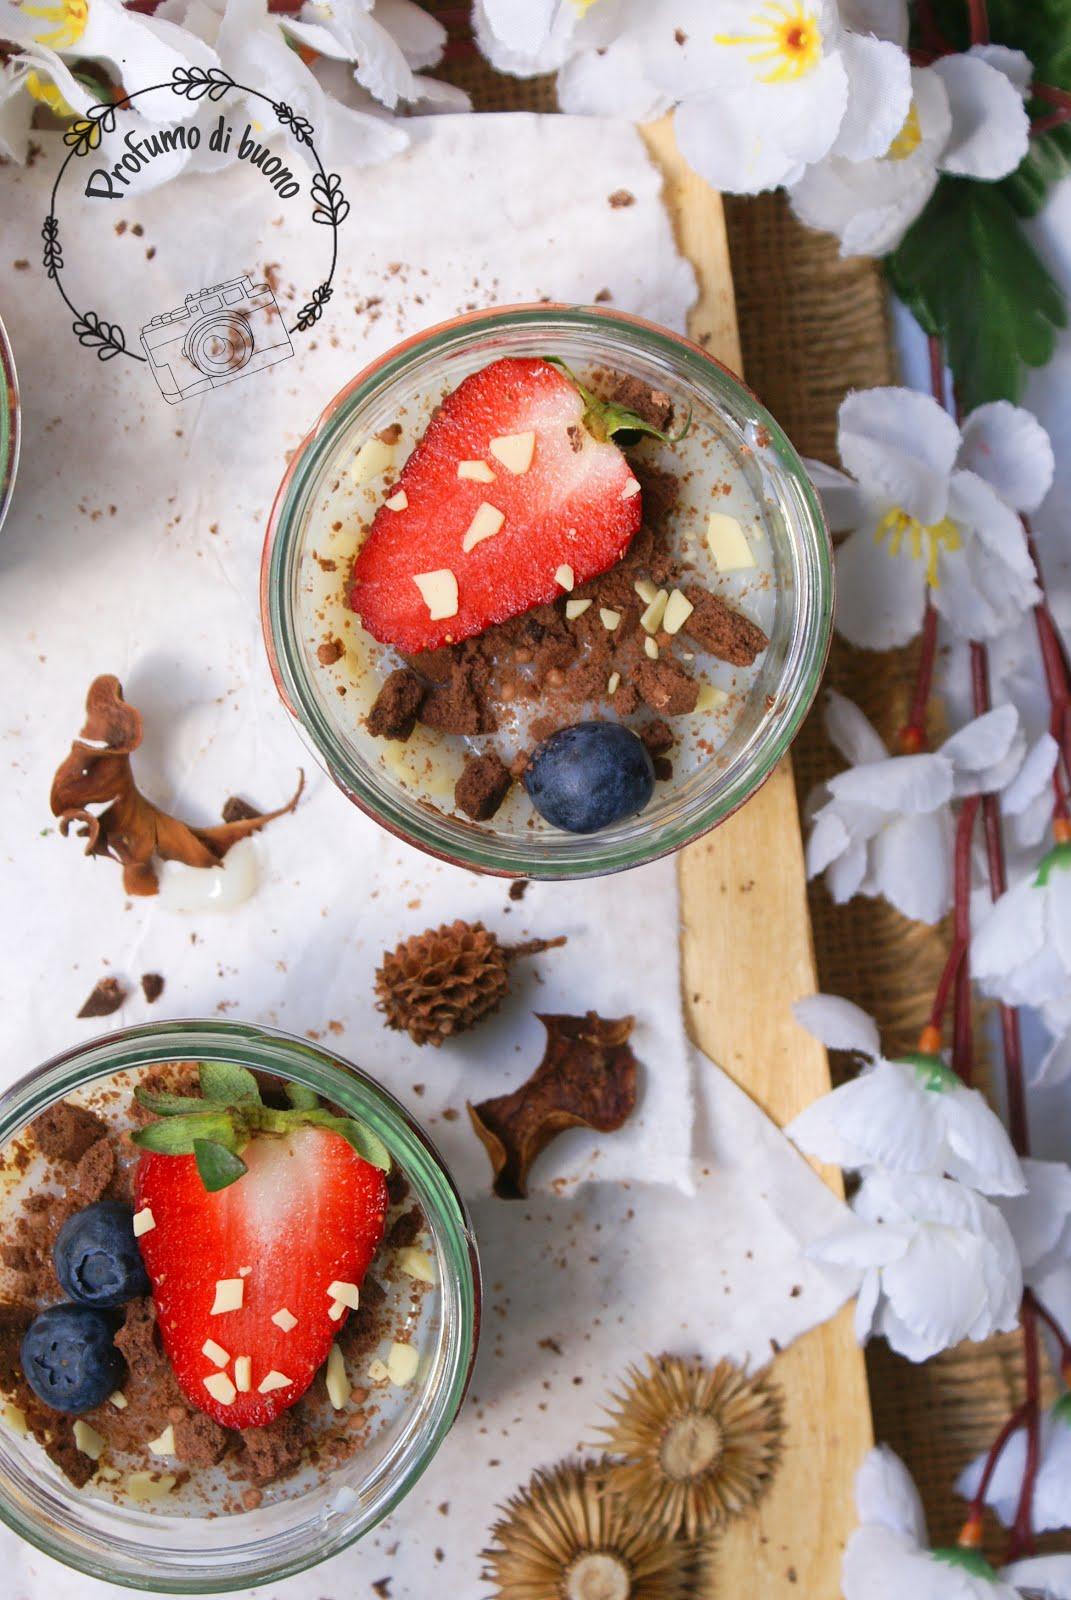 Dolci in vasetti bicolore con crema al latte decorati con mirtilli, fragole, briciole di biscotti al cacao e scagliette di cioccolato bianco